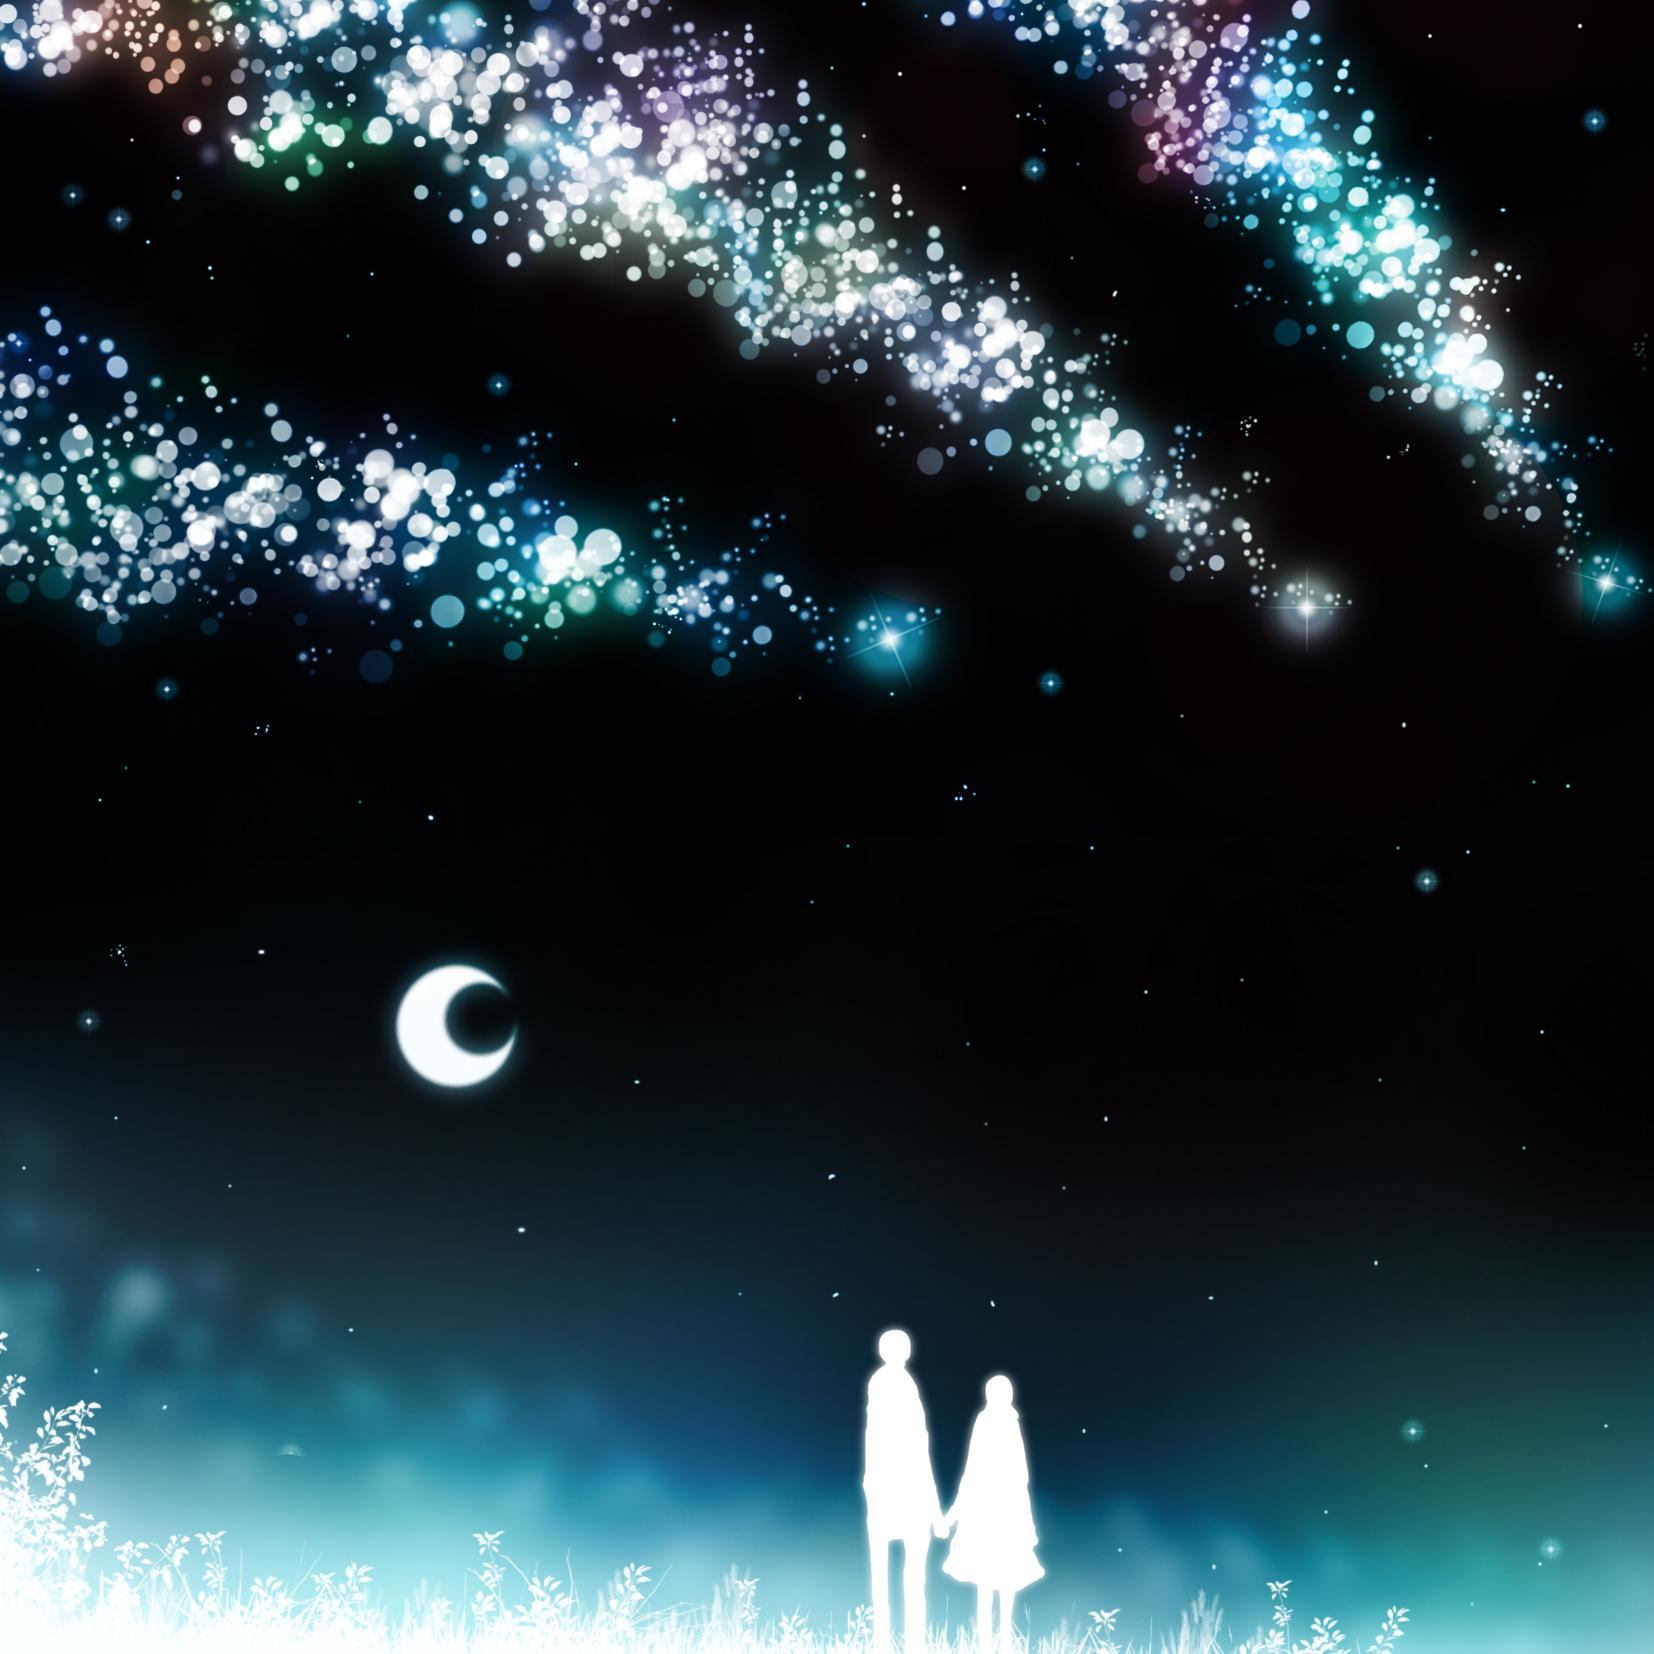 душа полна падающих звезд картинки роща